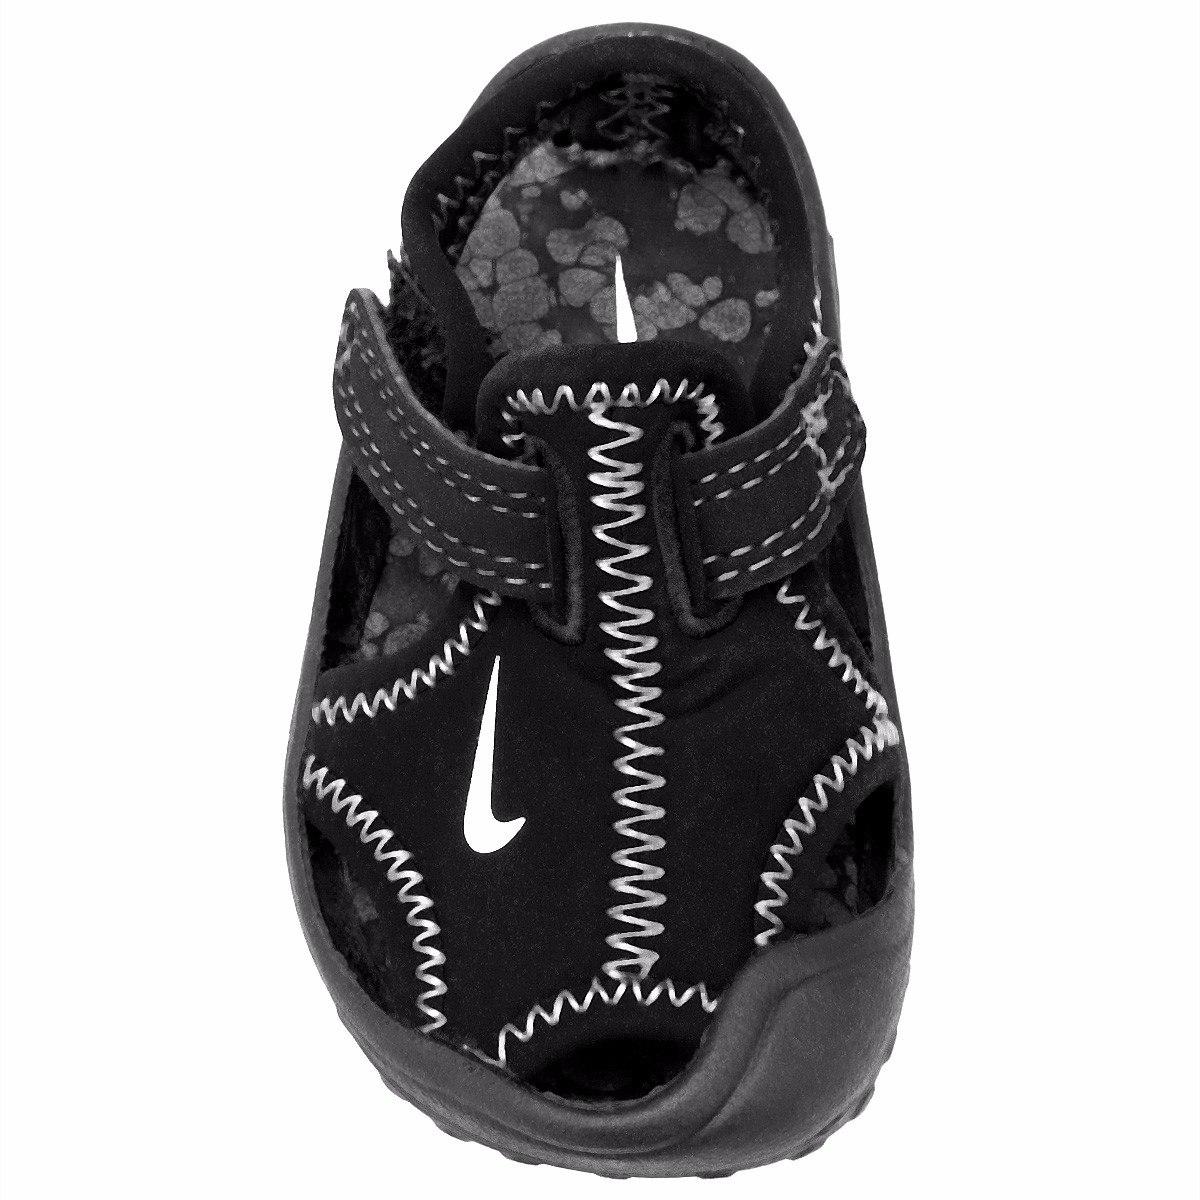 93b13efb8af12 Sandália Nike Sunray Protect Original Importada Bebe - R$ 147,00 em ...